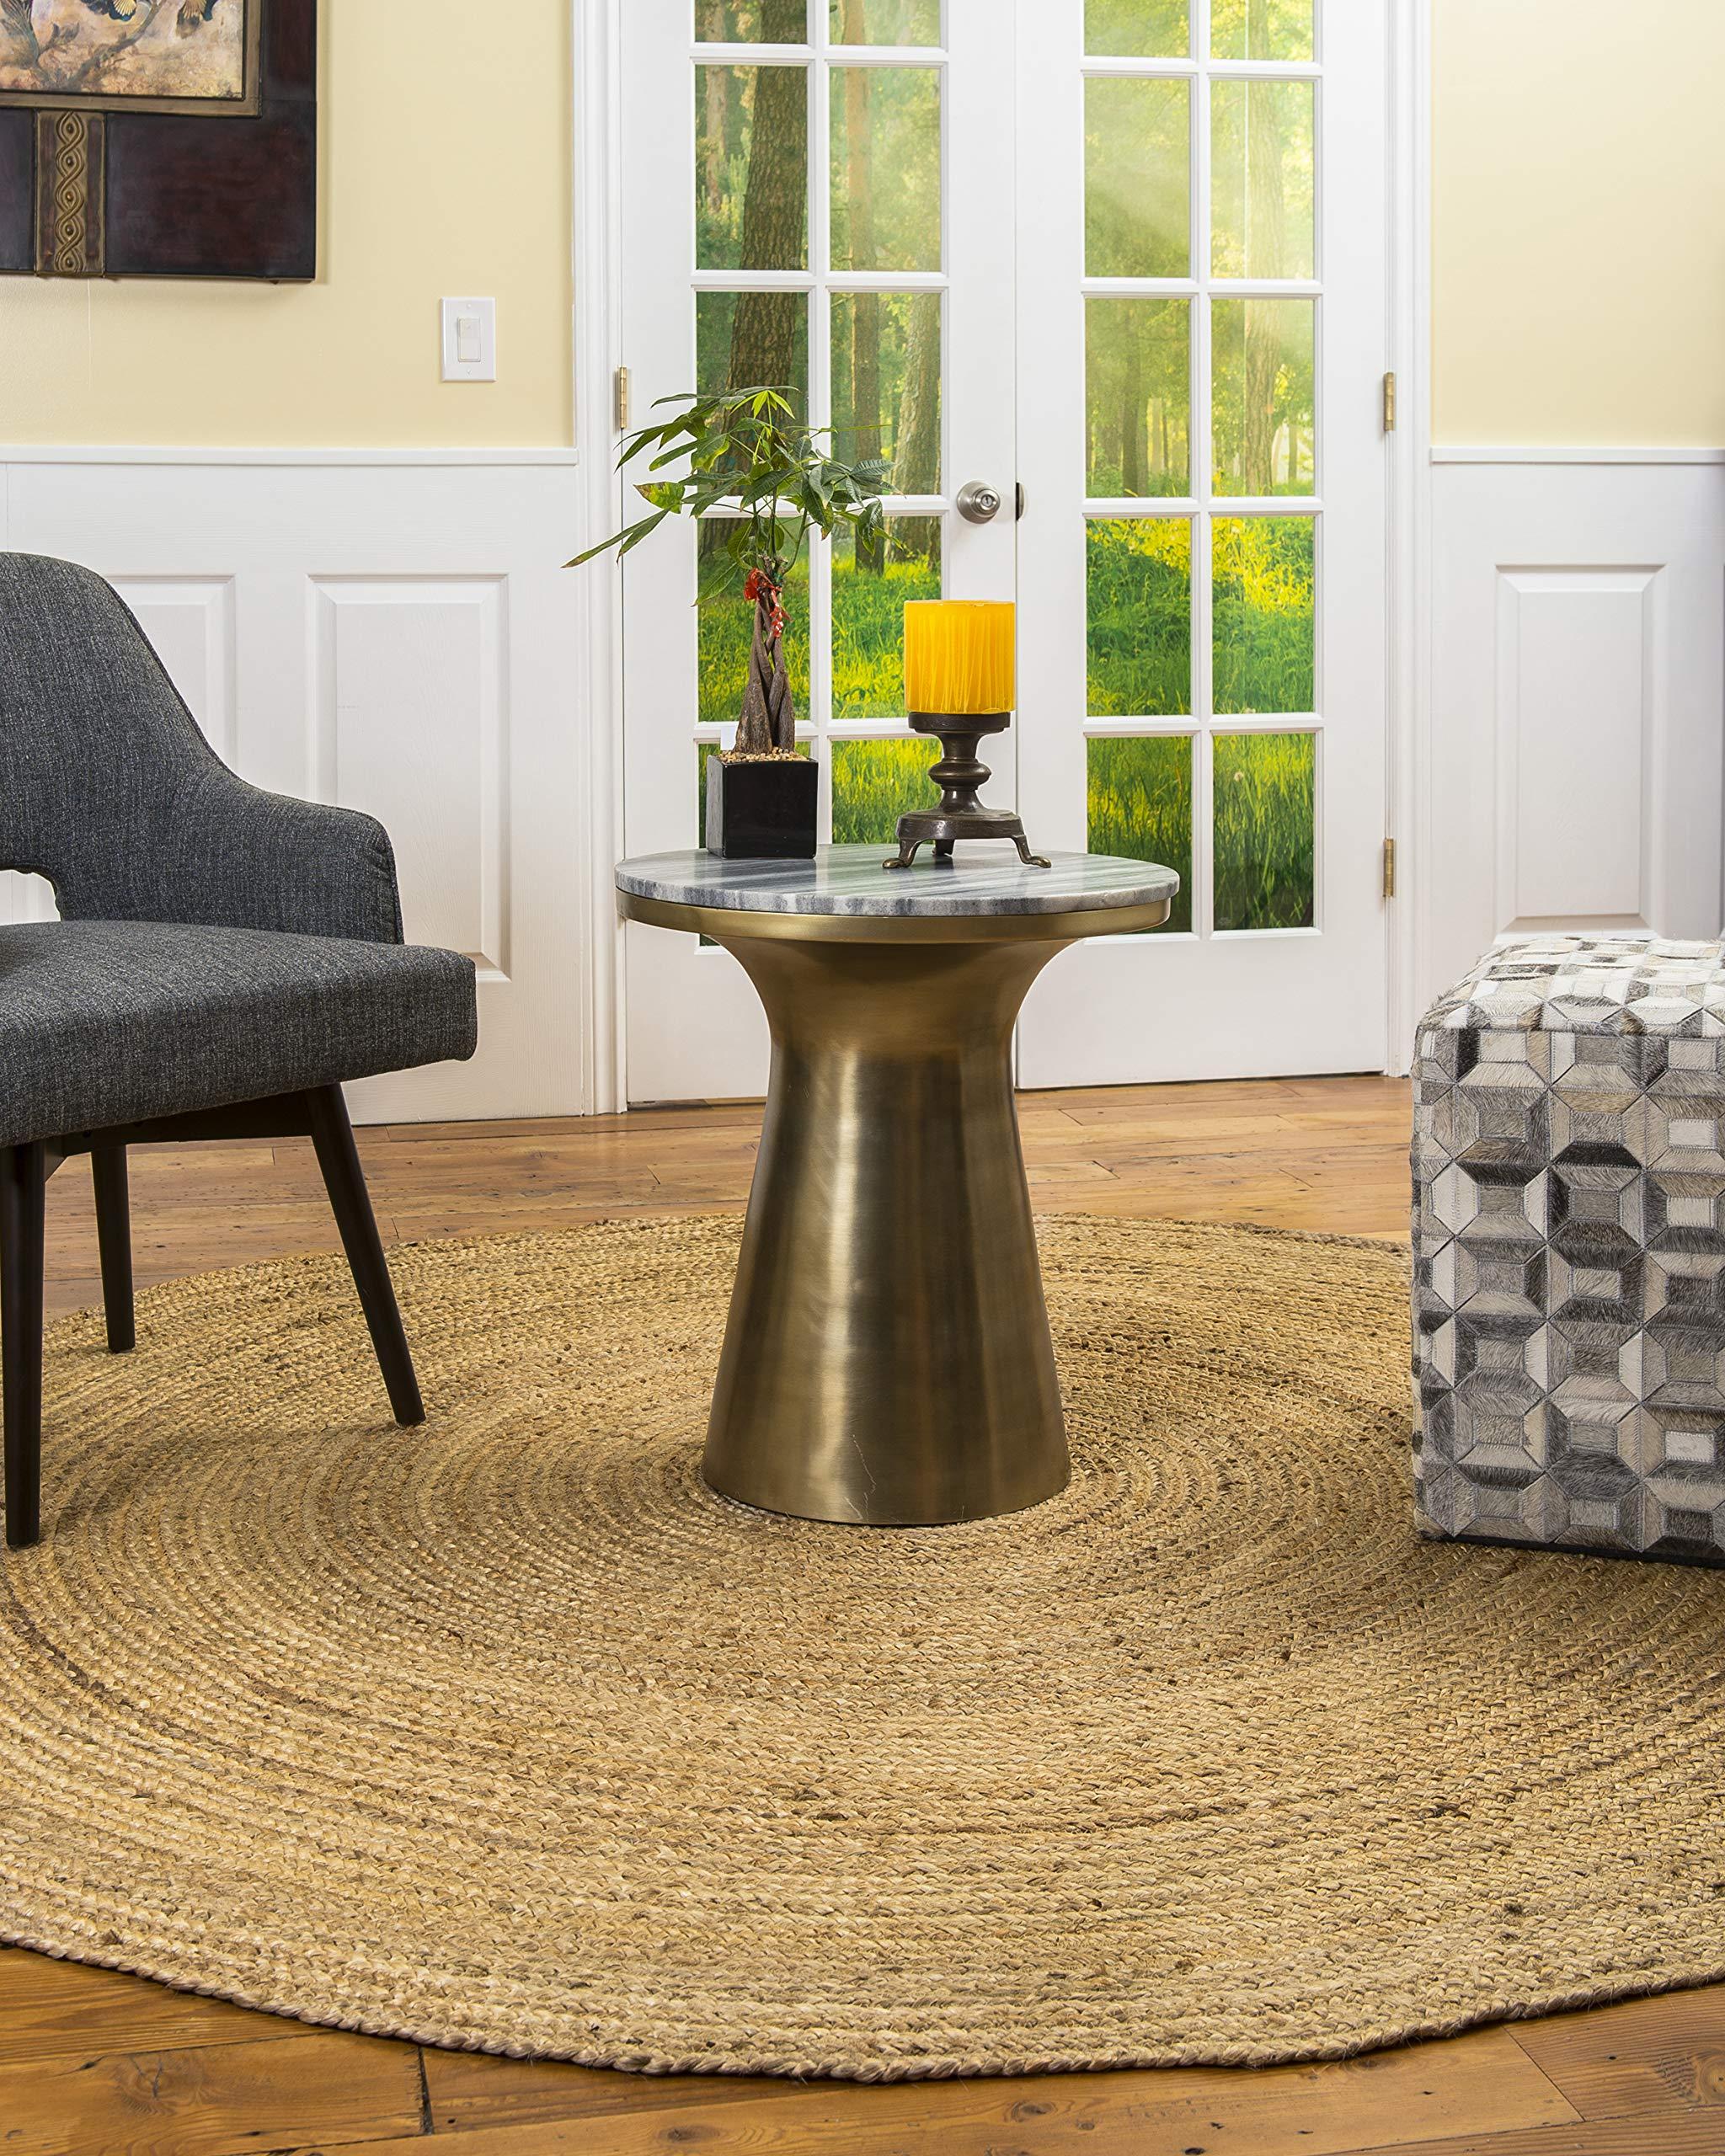 Natural Area Rugs 100% Natural Fiber Handmade Reversible Elsinore Jute 6' Round Rug Beige